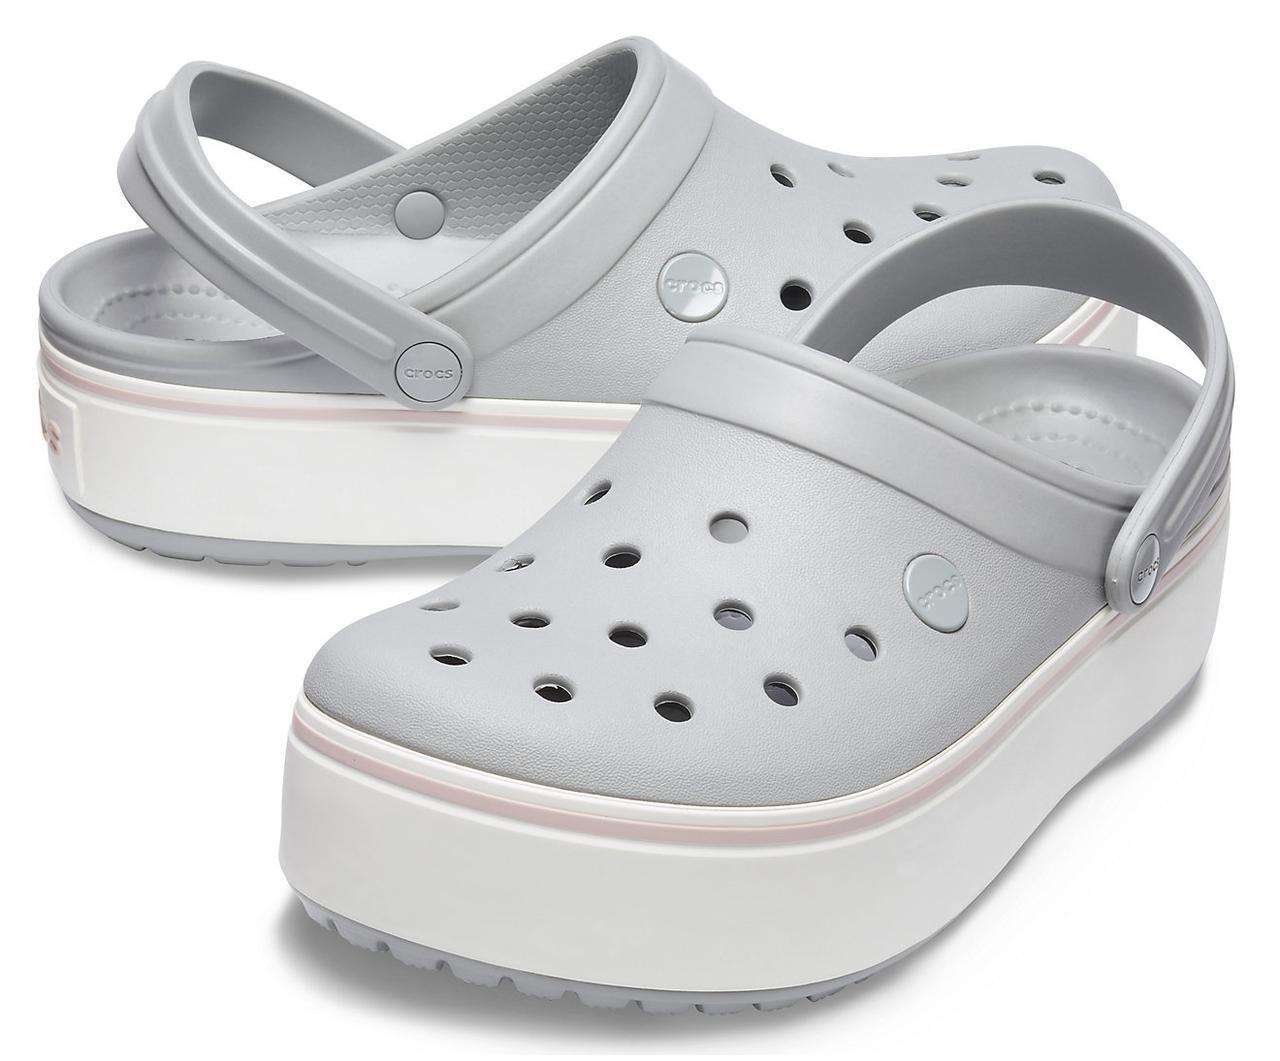 Кроксы летние Crocs Platform серые 39 разм.